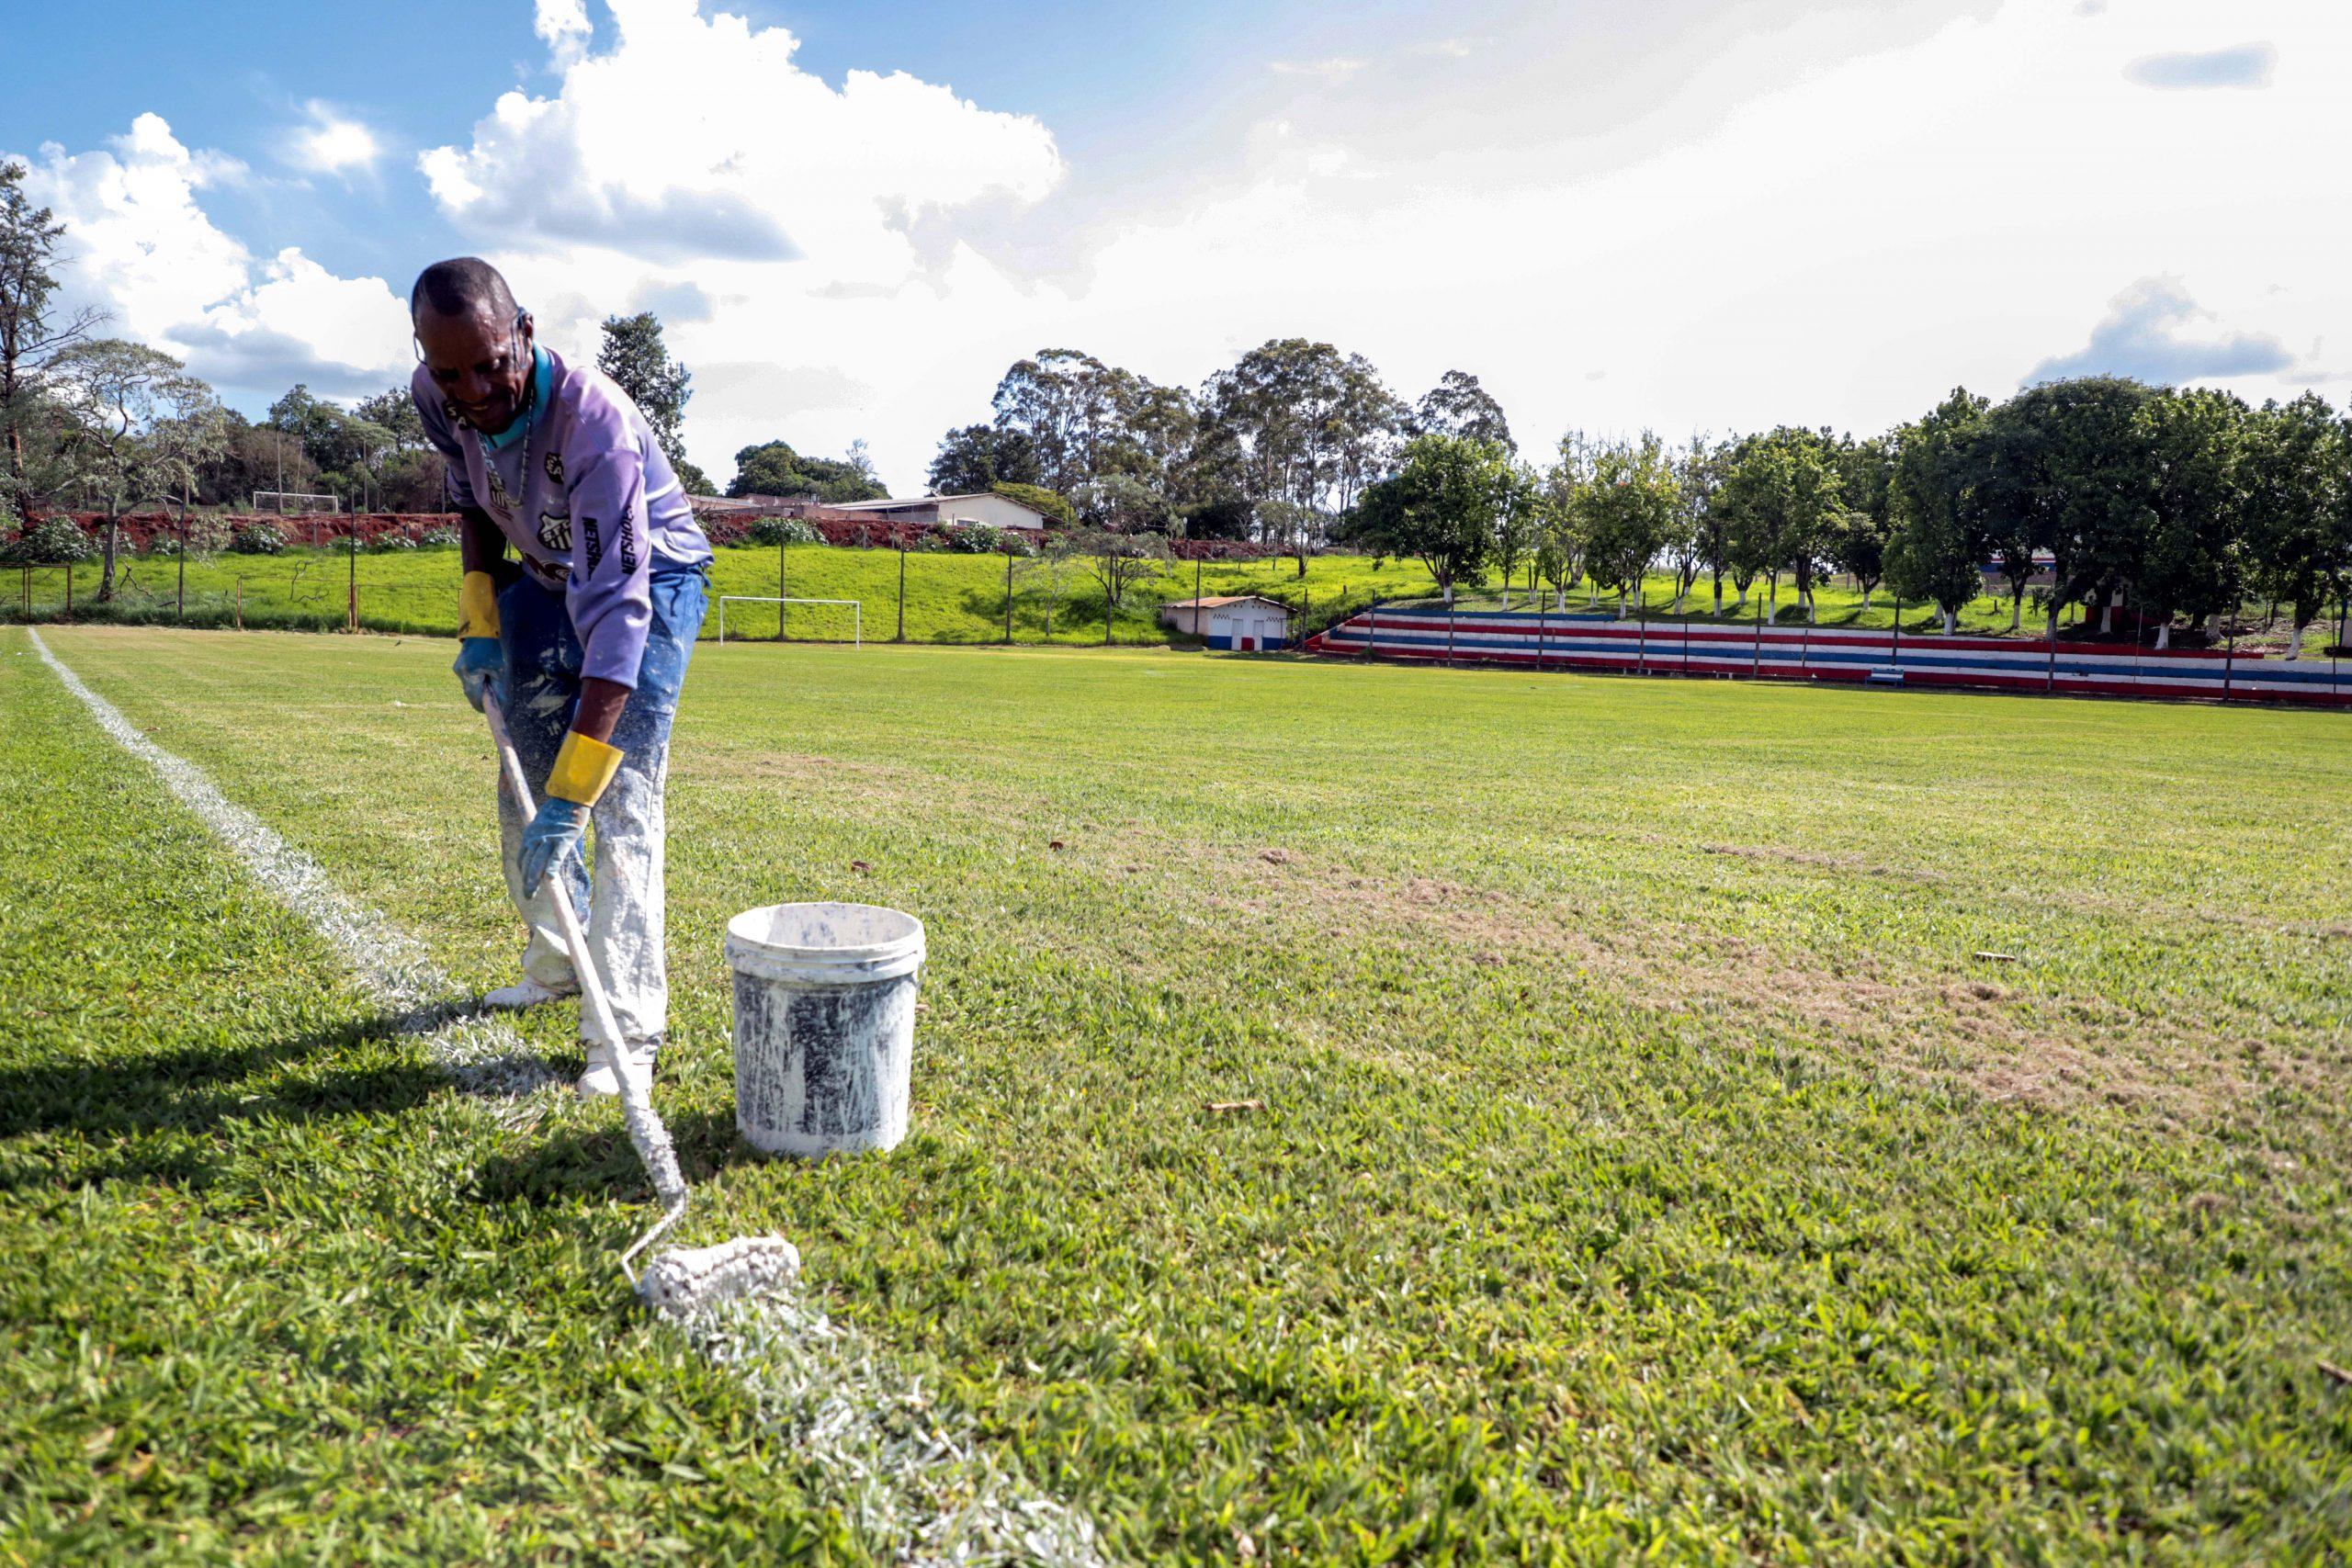 As melhorias, autorizadas pelo prefeito Júnior da Femac, envolvem manutenção das balizas, roçagem, limpeza geral e remarcação das linhas de campo em 17 praças esportivas